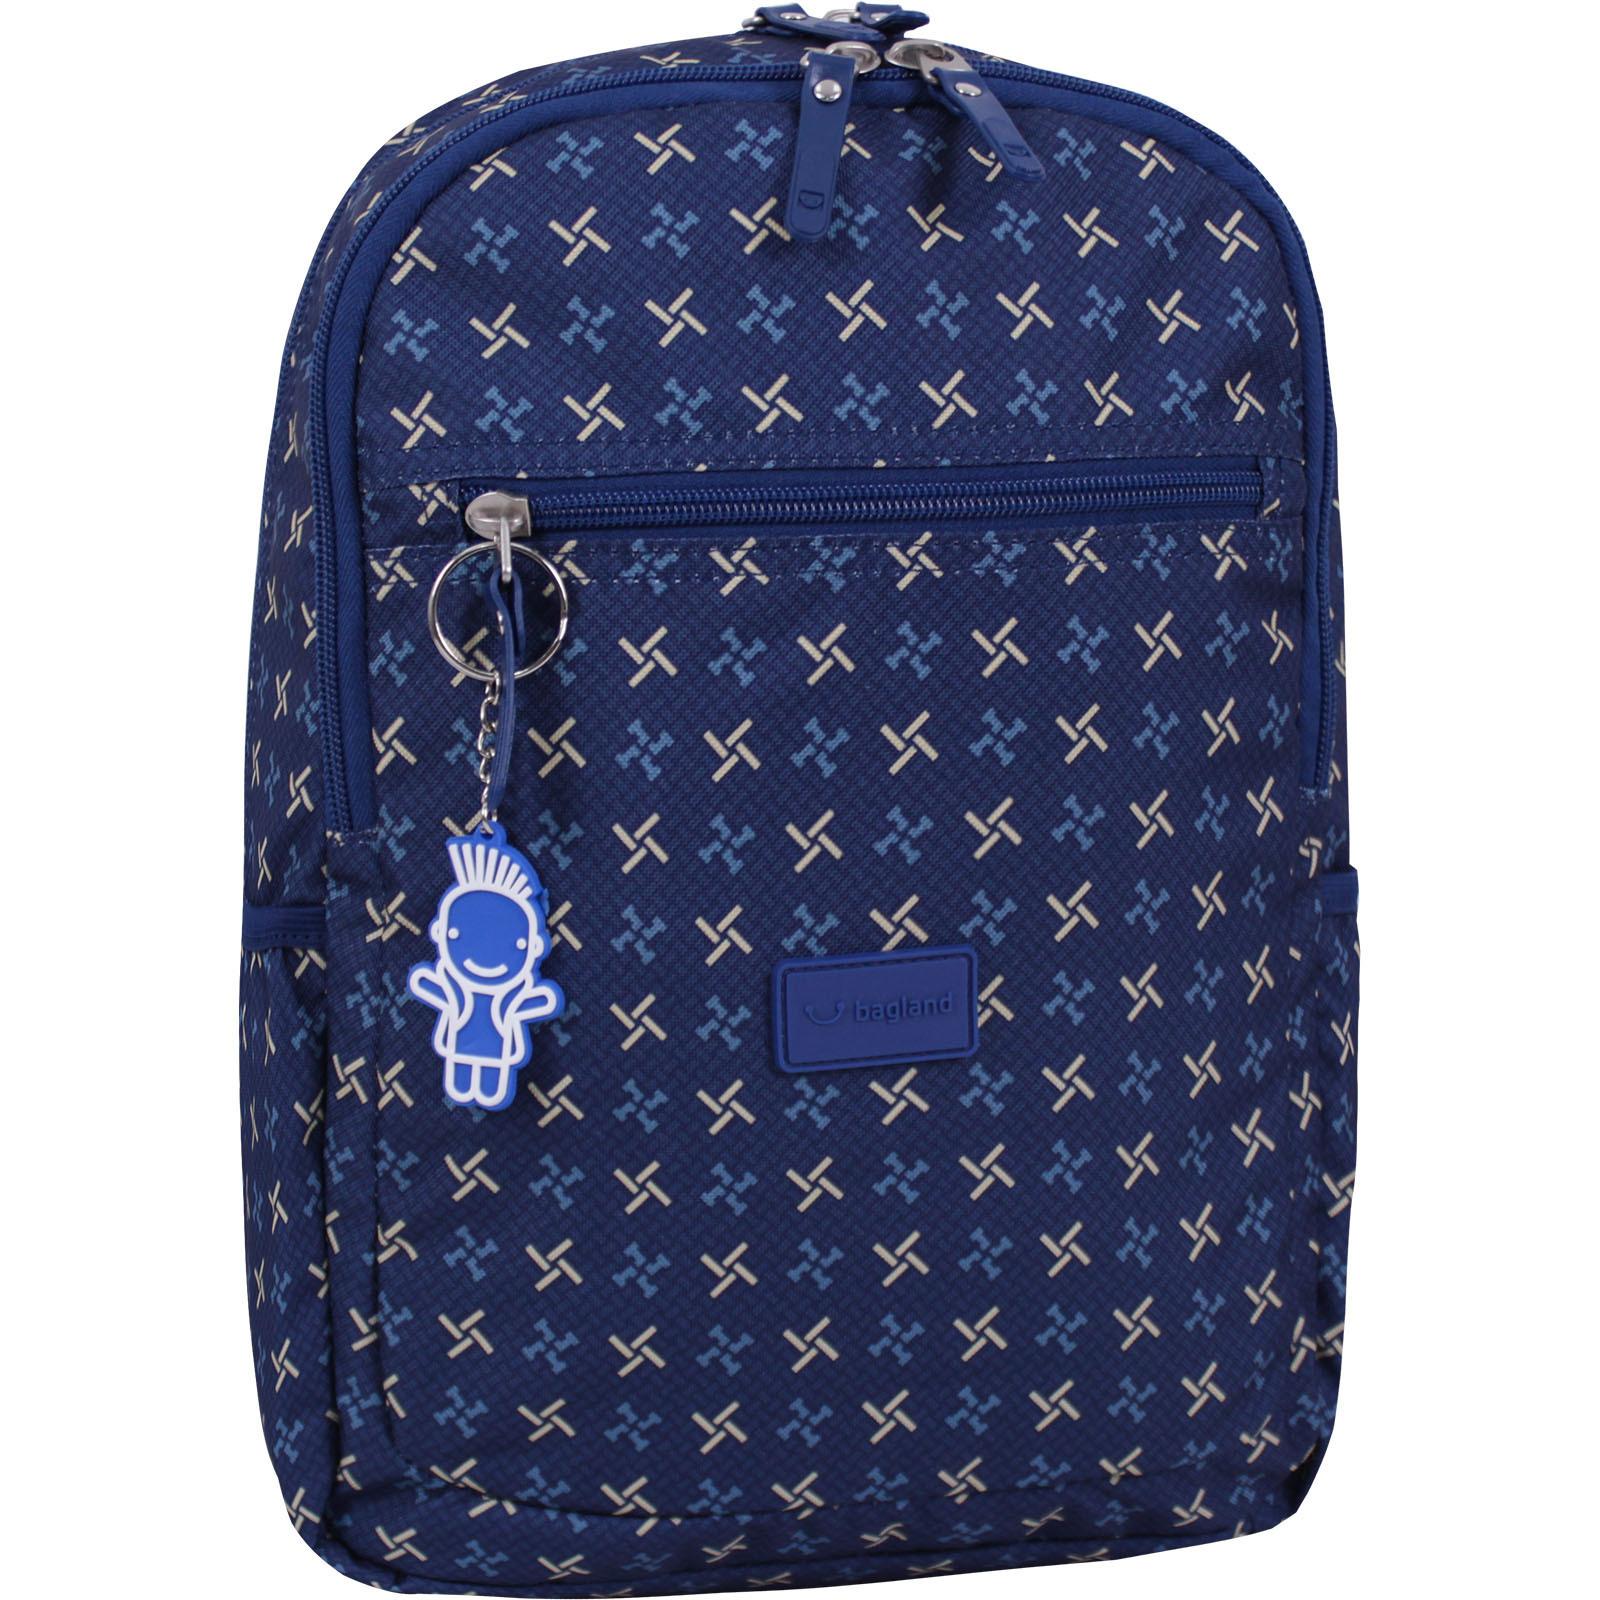 Маленькие рюкзаки Рюкзак Bagland Young 13 л. сублімація 463 (00510664) IMG_7938-1600-463.jpg